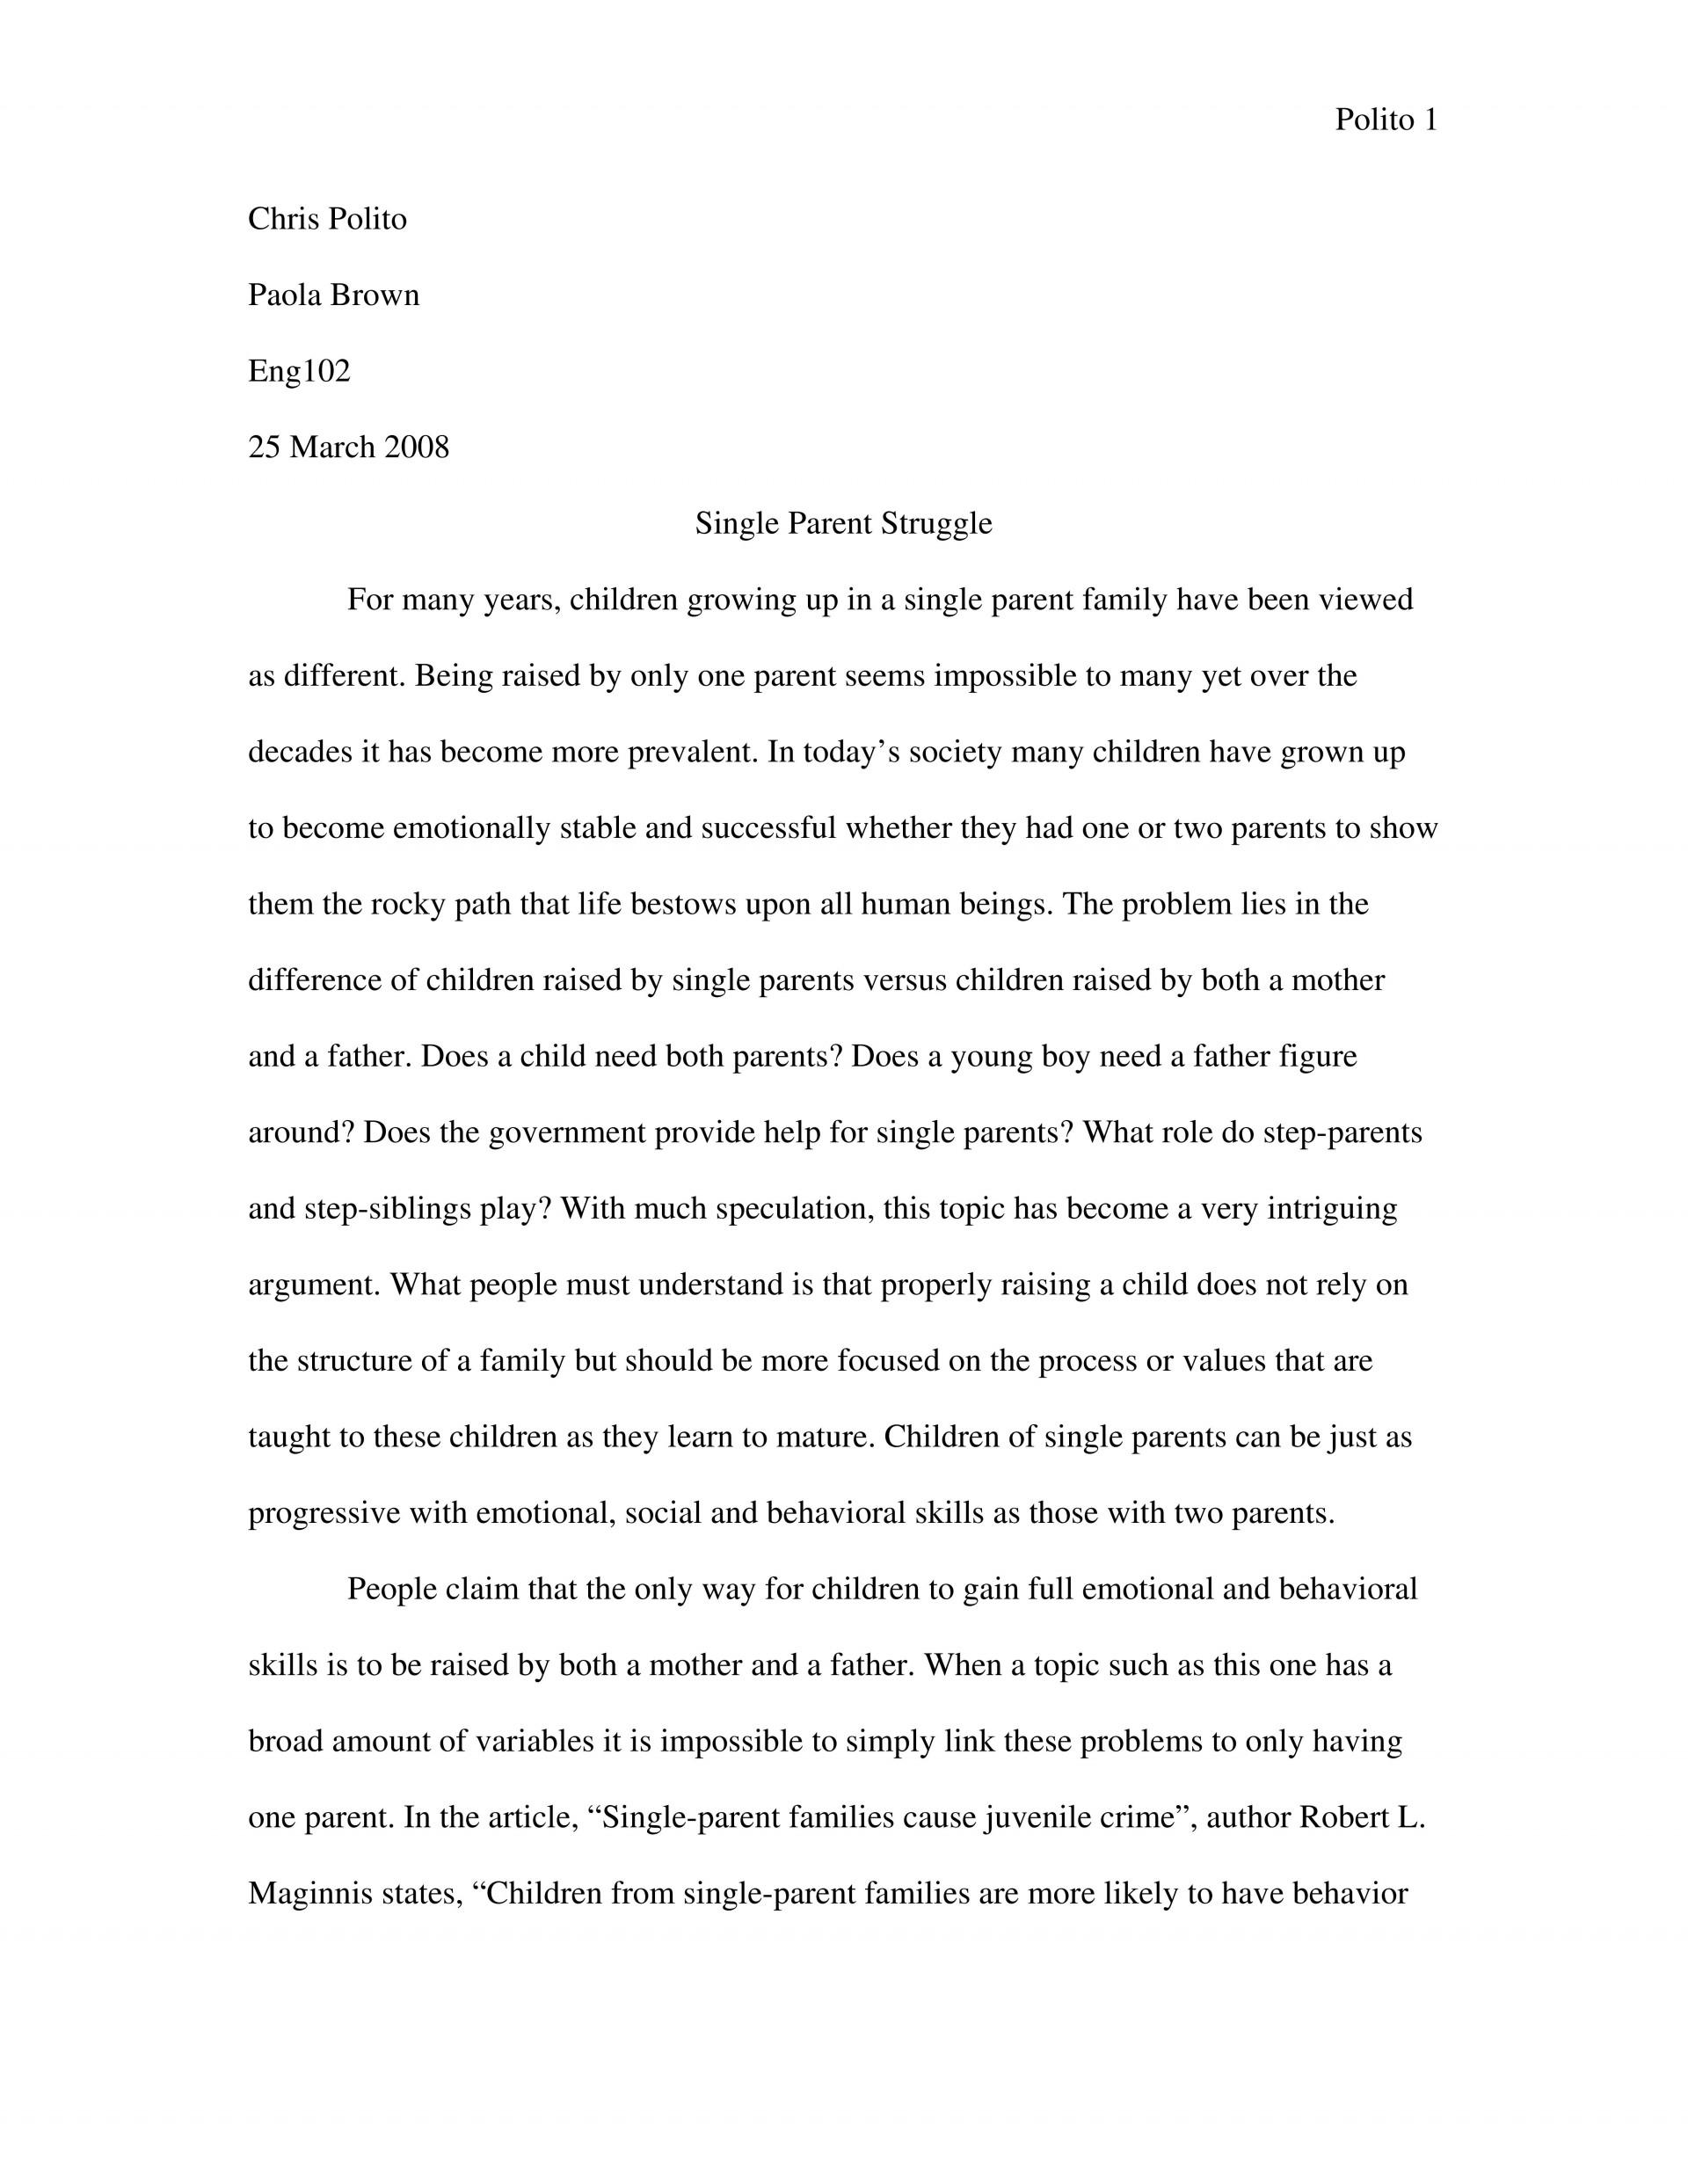 003 Rhetorical Essay Examples Example Unusual Analysis Ap Lang Strategies 1920